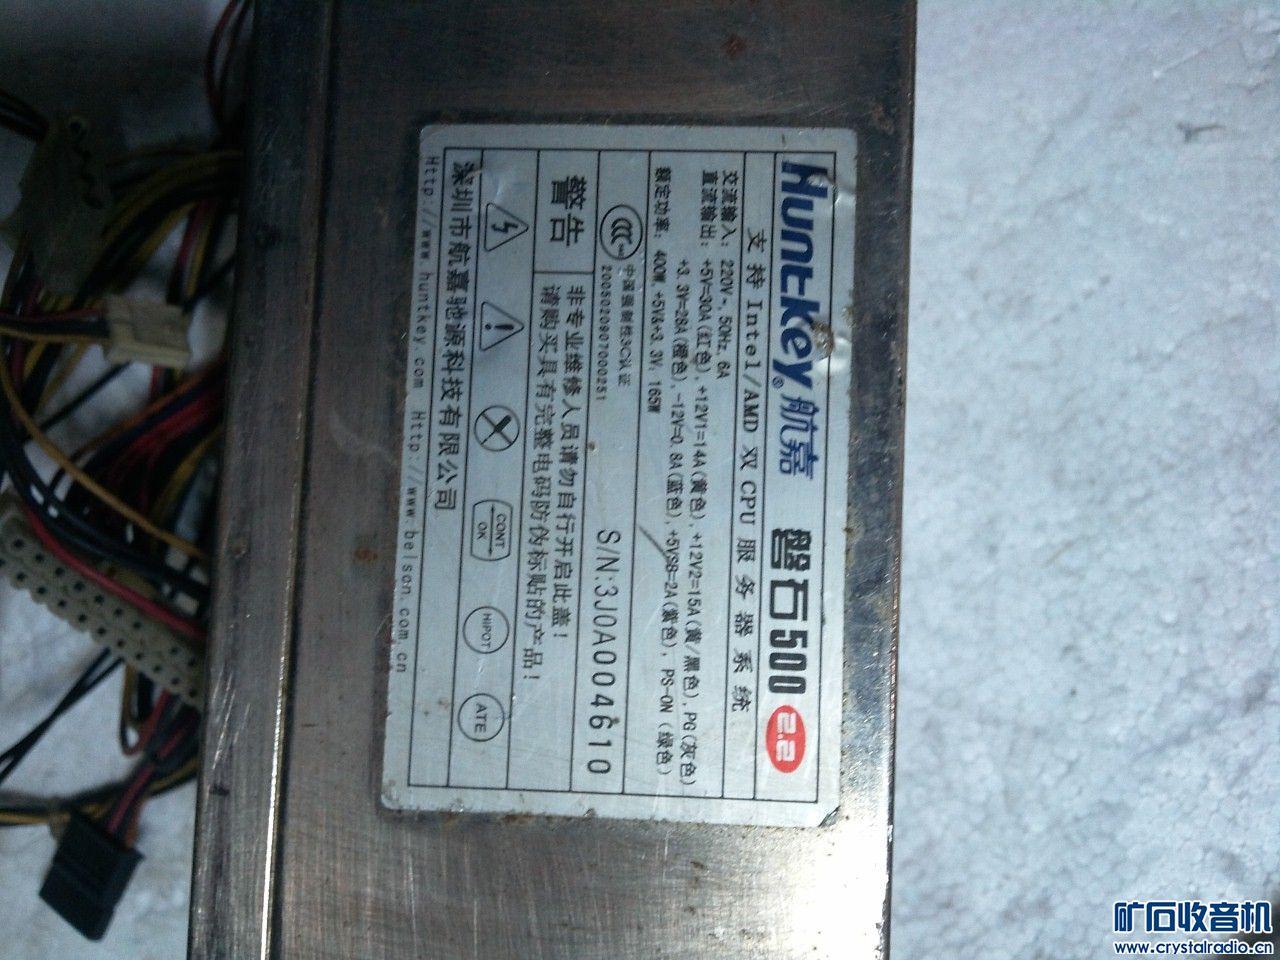 40元,输出线被老鼠咬了换过,剪过多的SATA线,双风扇声音大.jpg